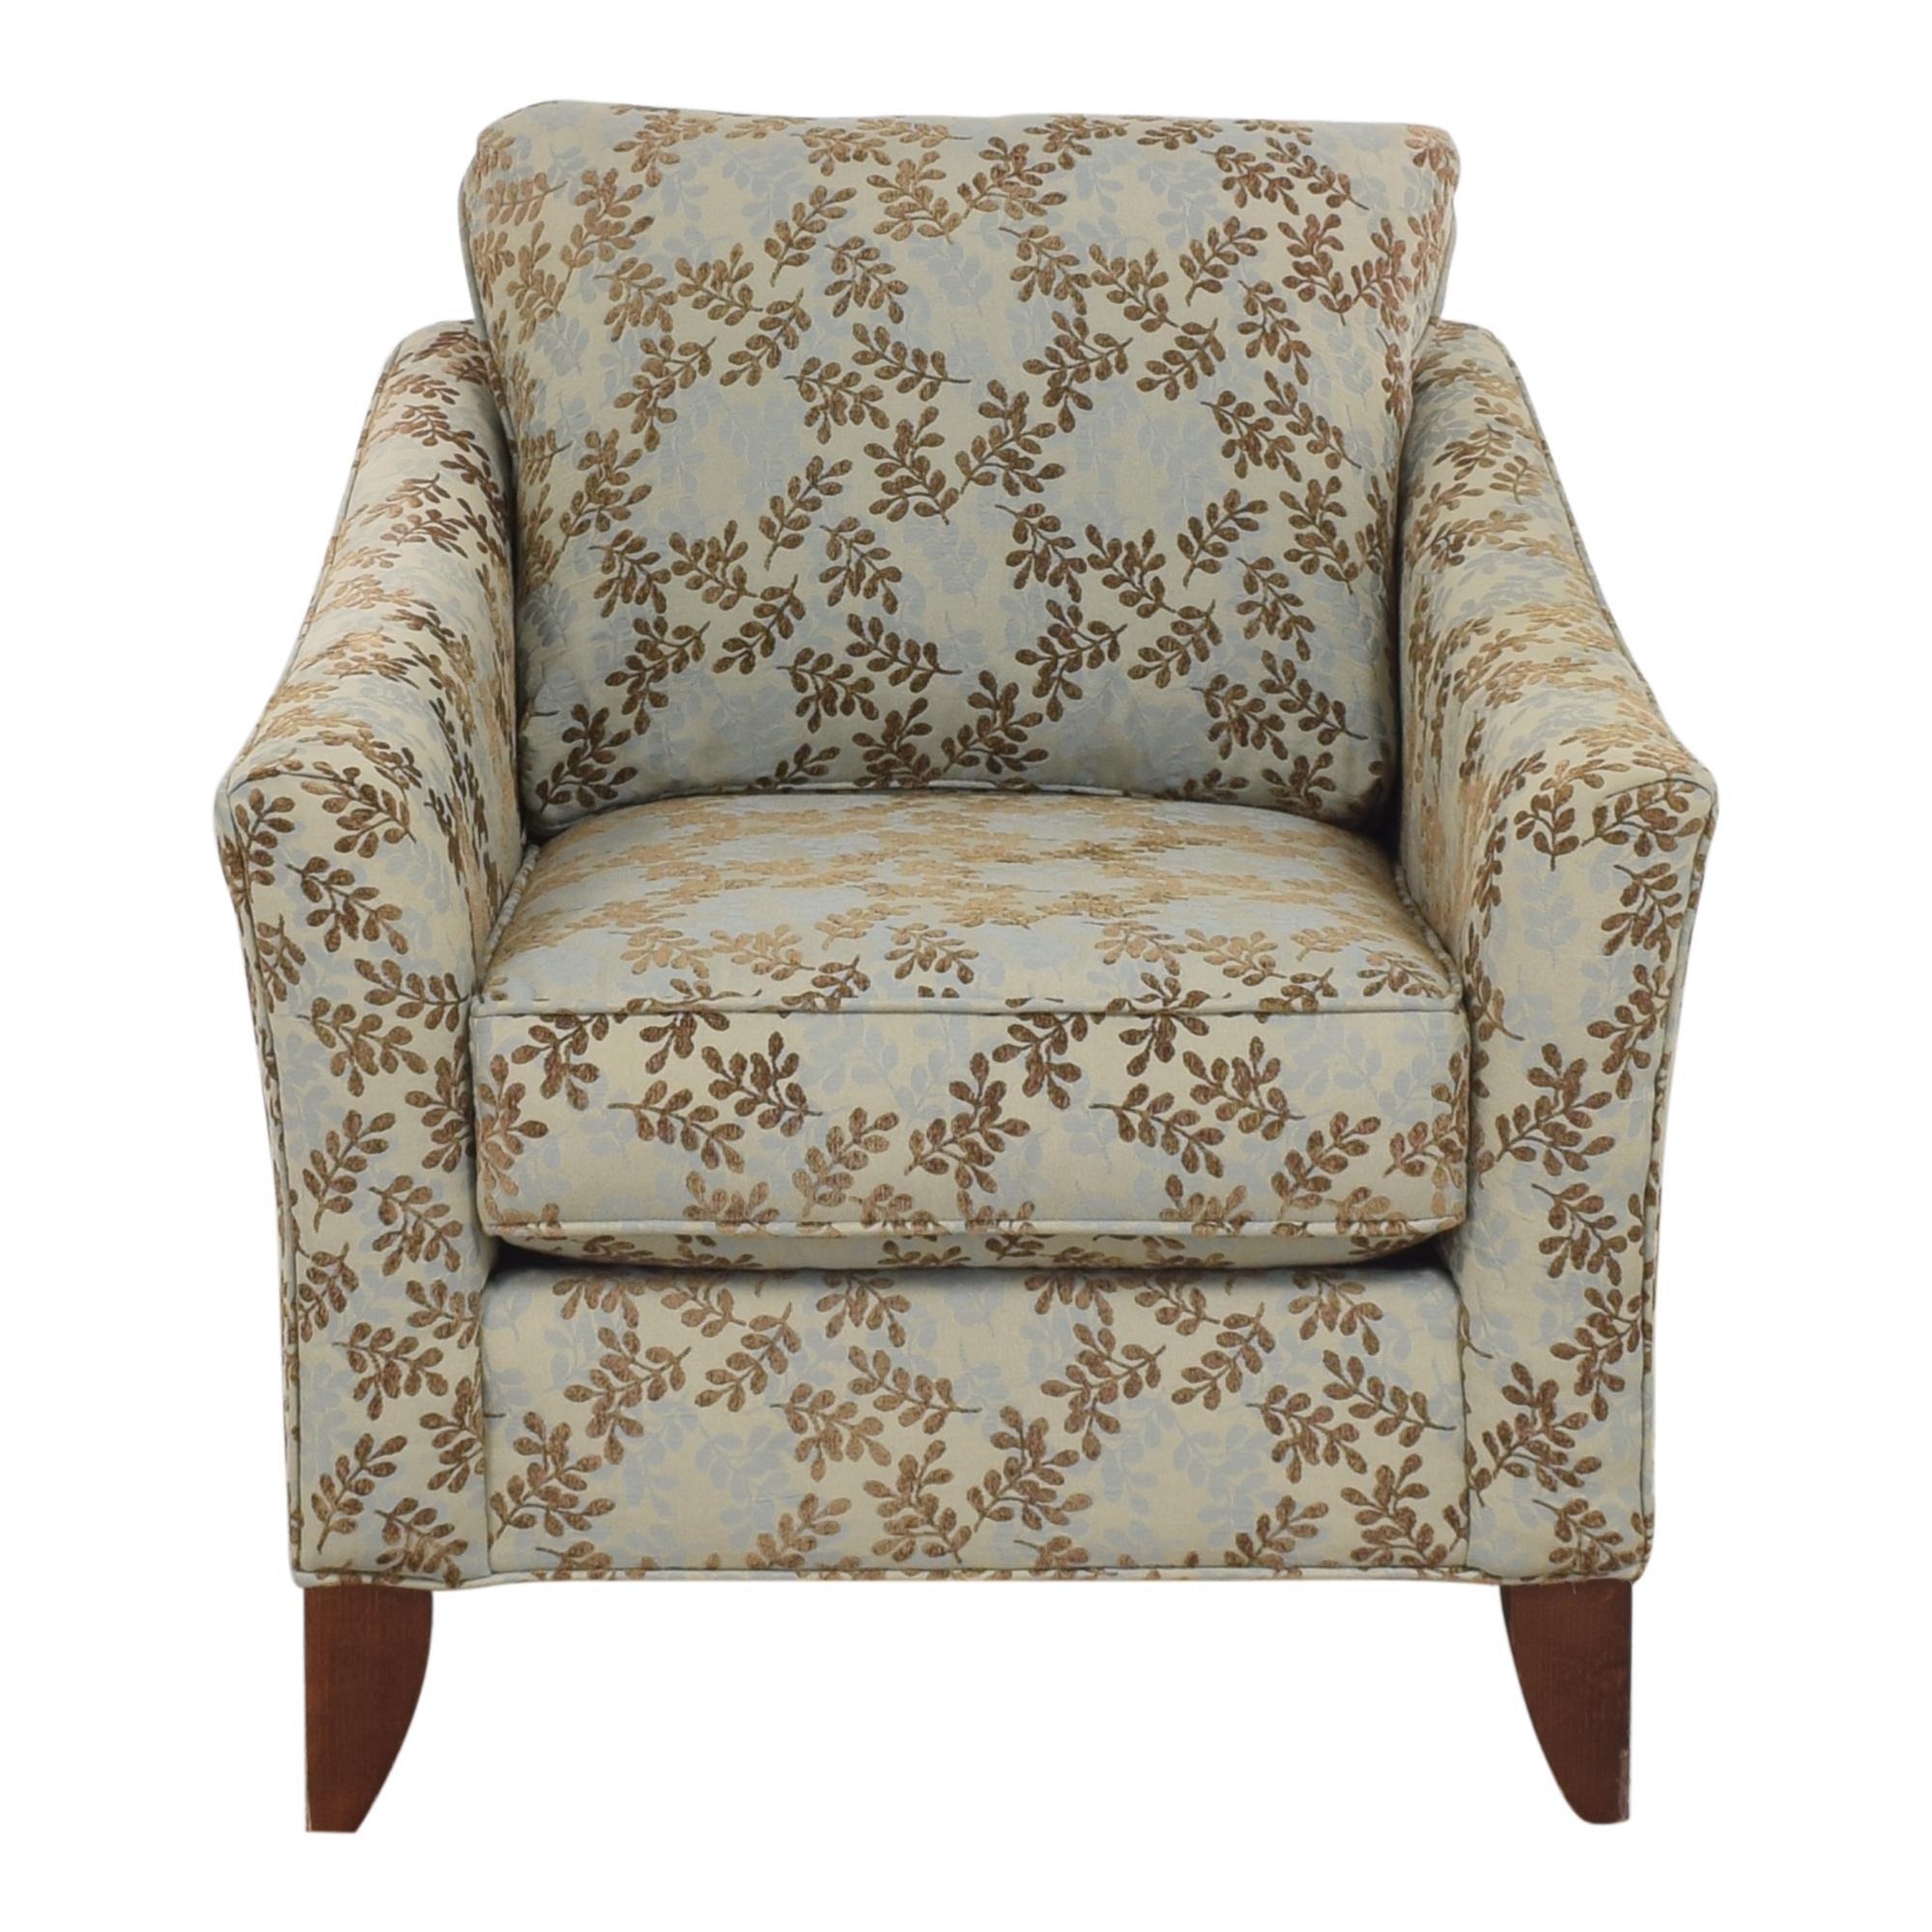 buy Emeraldcraft Emeraldcraft Accent Chair online